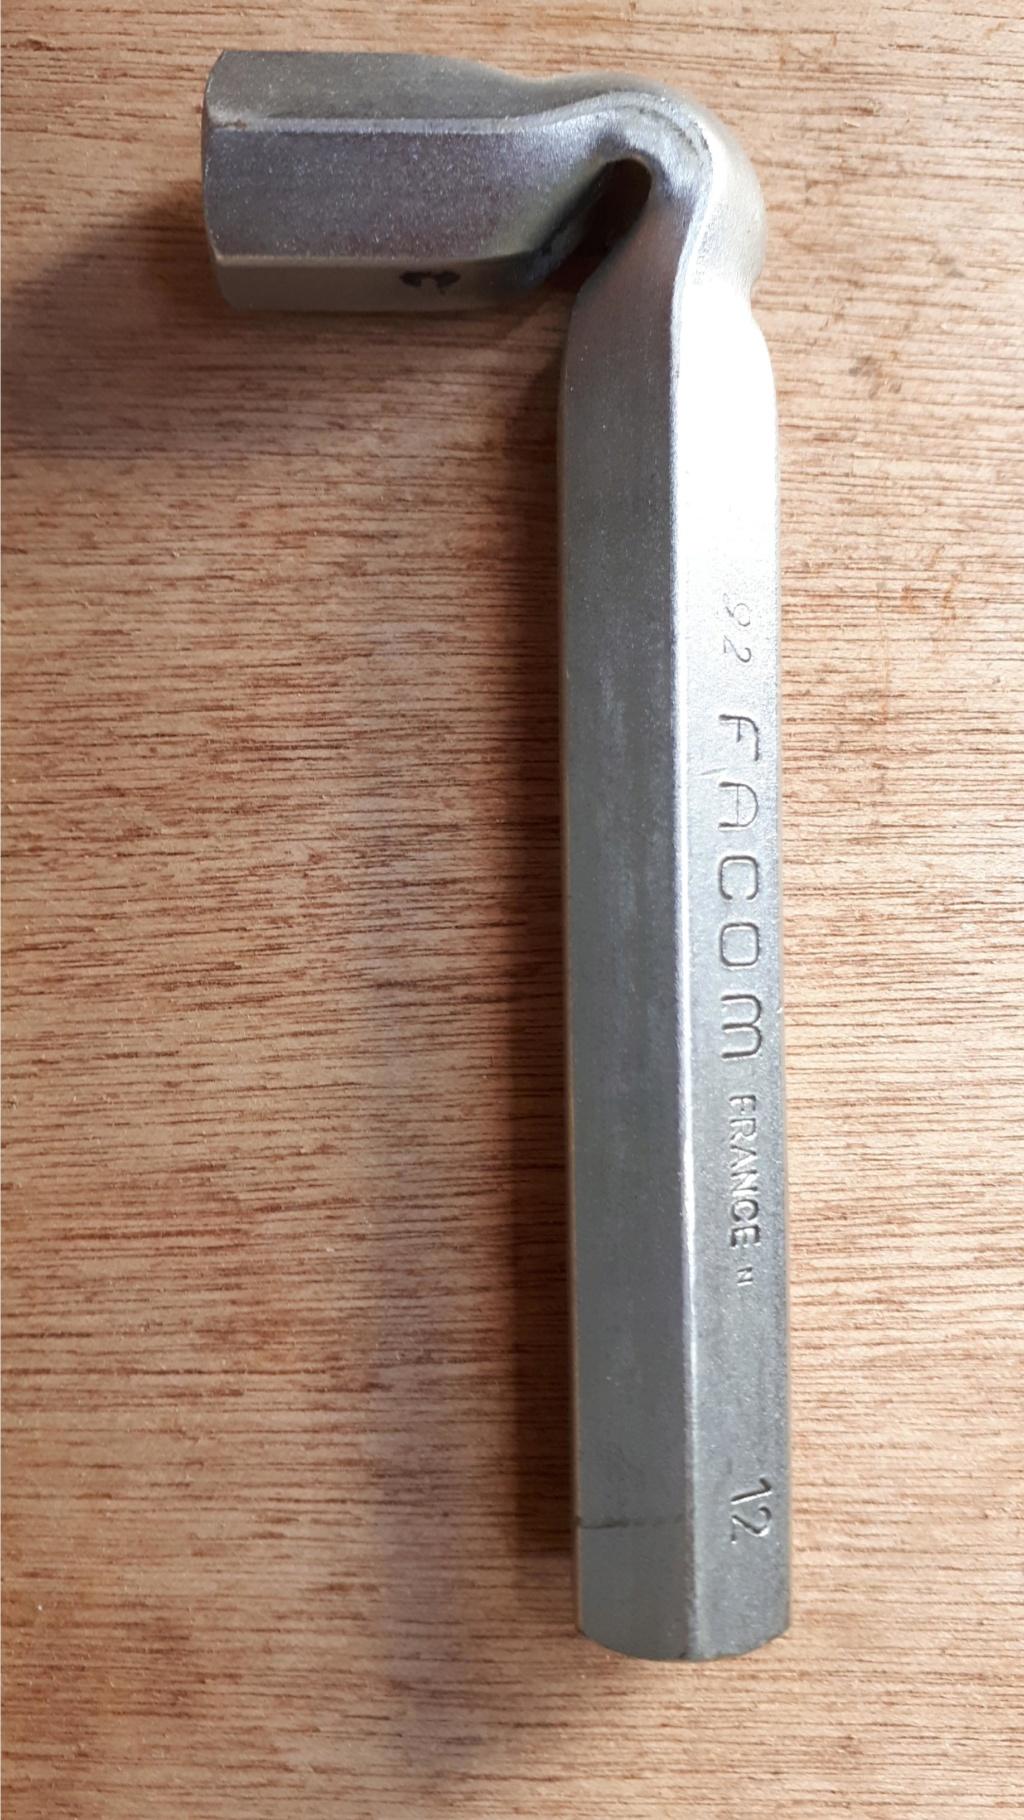 T700 démontage amortisseur - Page 2 Clzo_b10